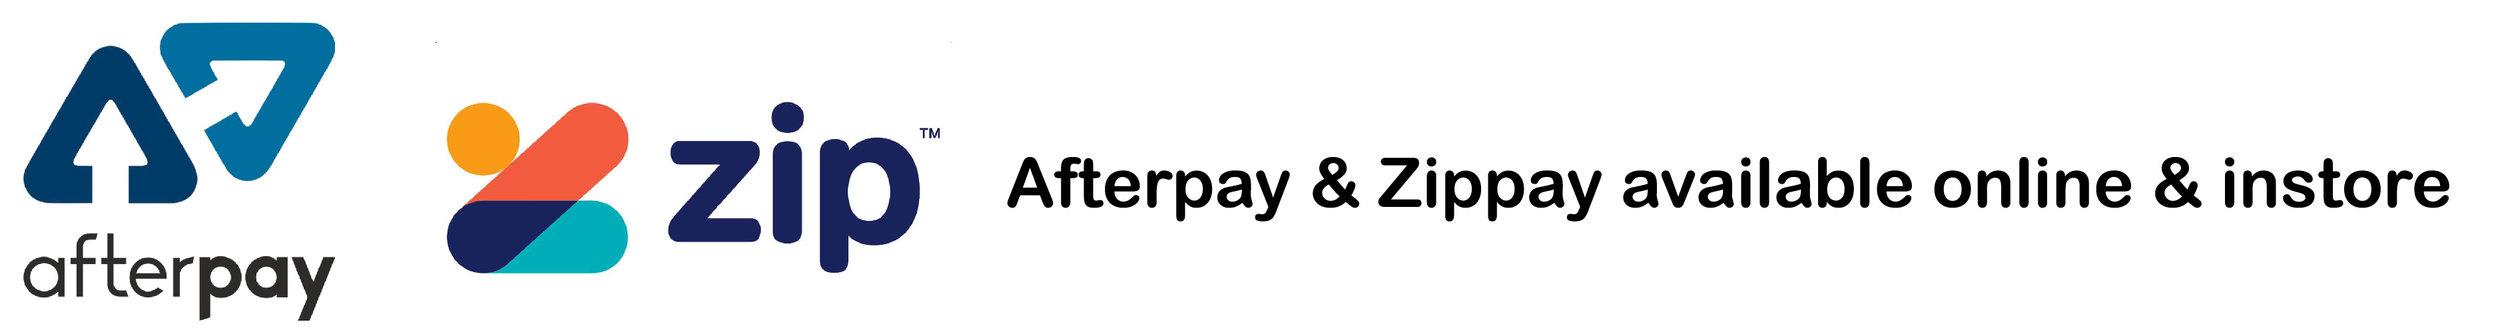 afterpayzippay-01.jpg